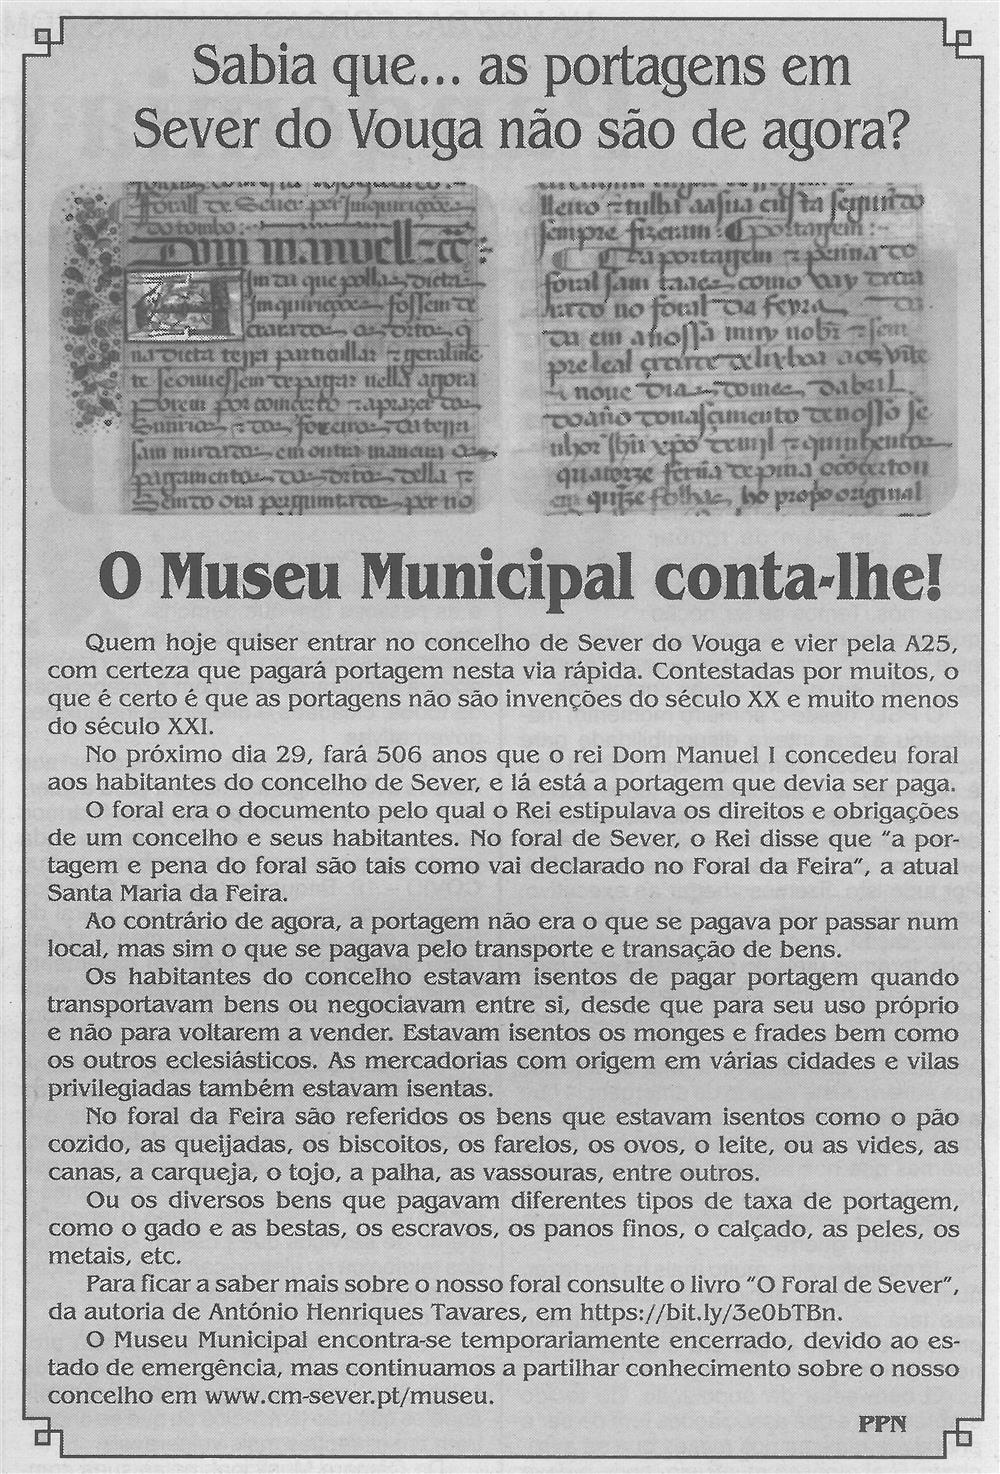 BV-2.ªabr.'20-p.6-O Museu Municipal conta-lhe - sabia que as portagens em Sever do Vouga não são de agora.jpg